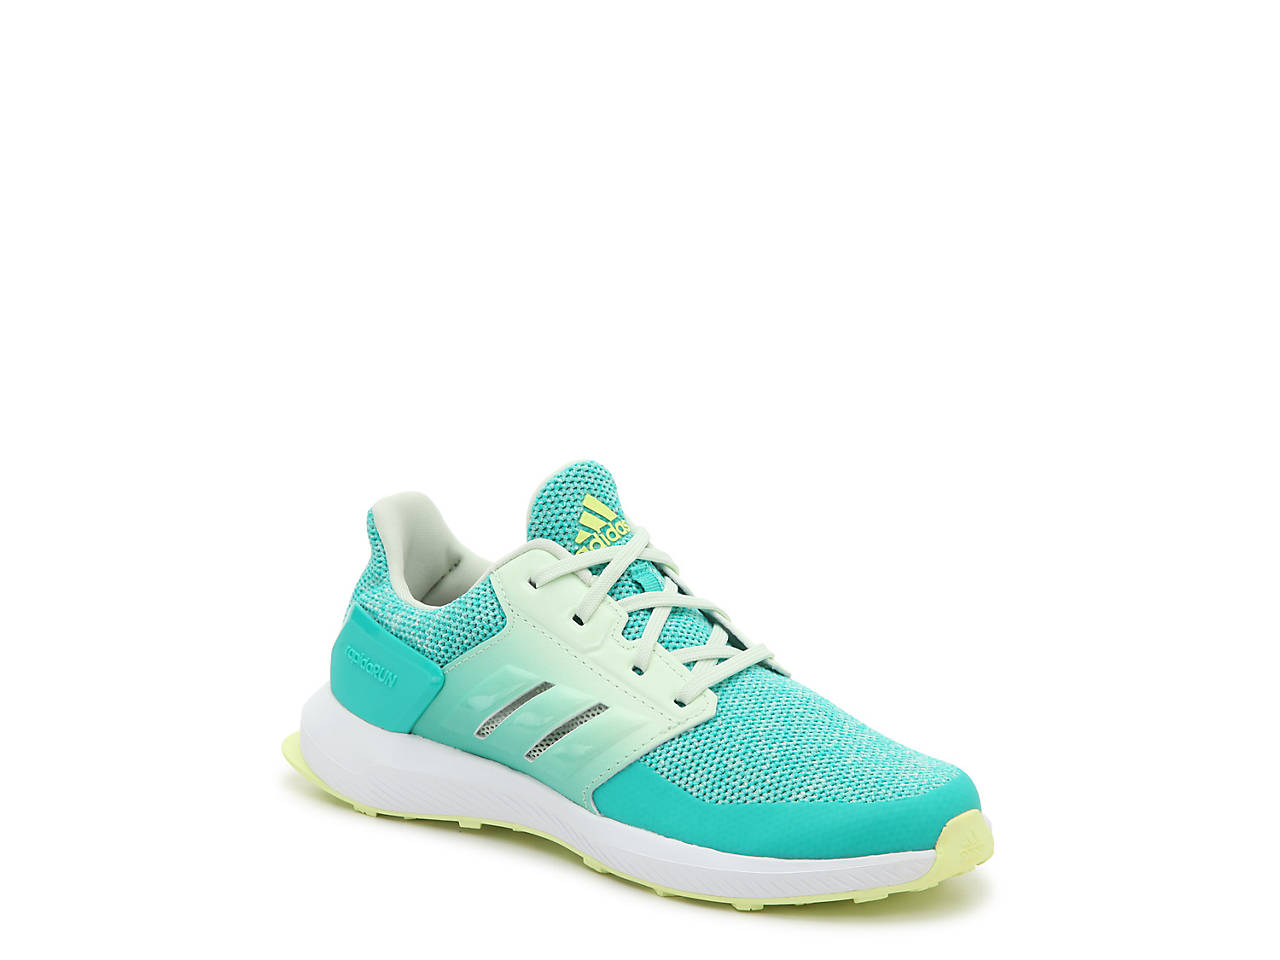 9bacf05d8 adidas RapidaRun Toddler   Youth Running Shoe Kids Shoes